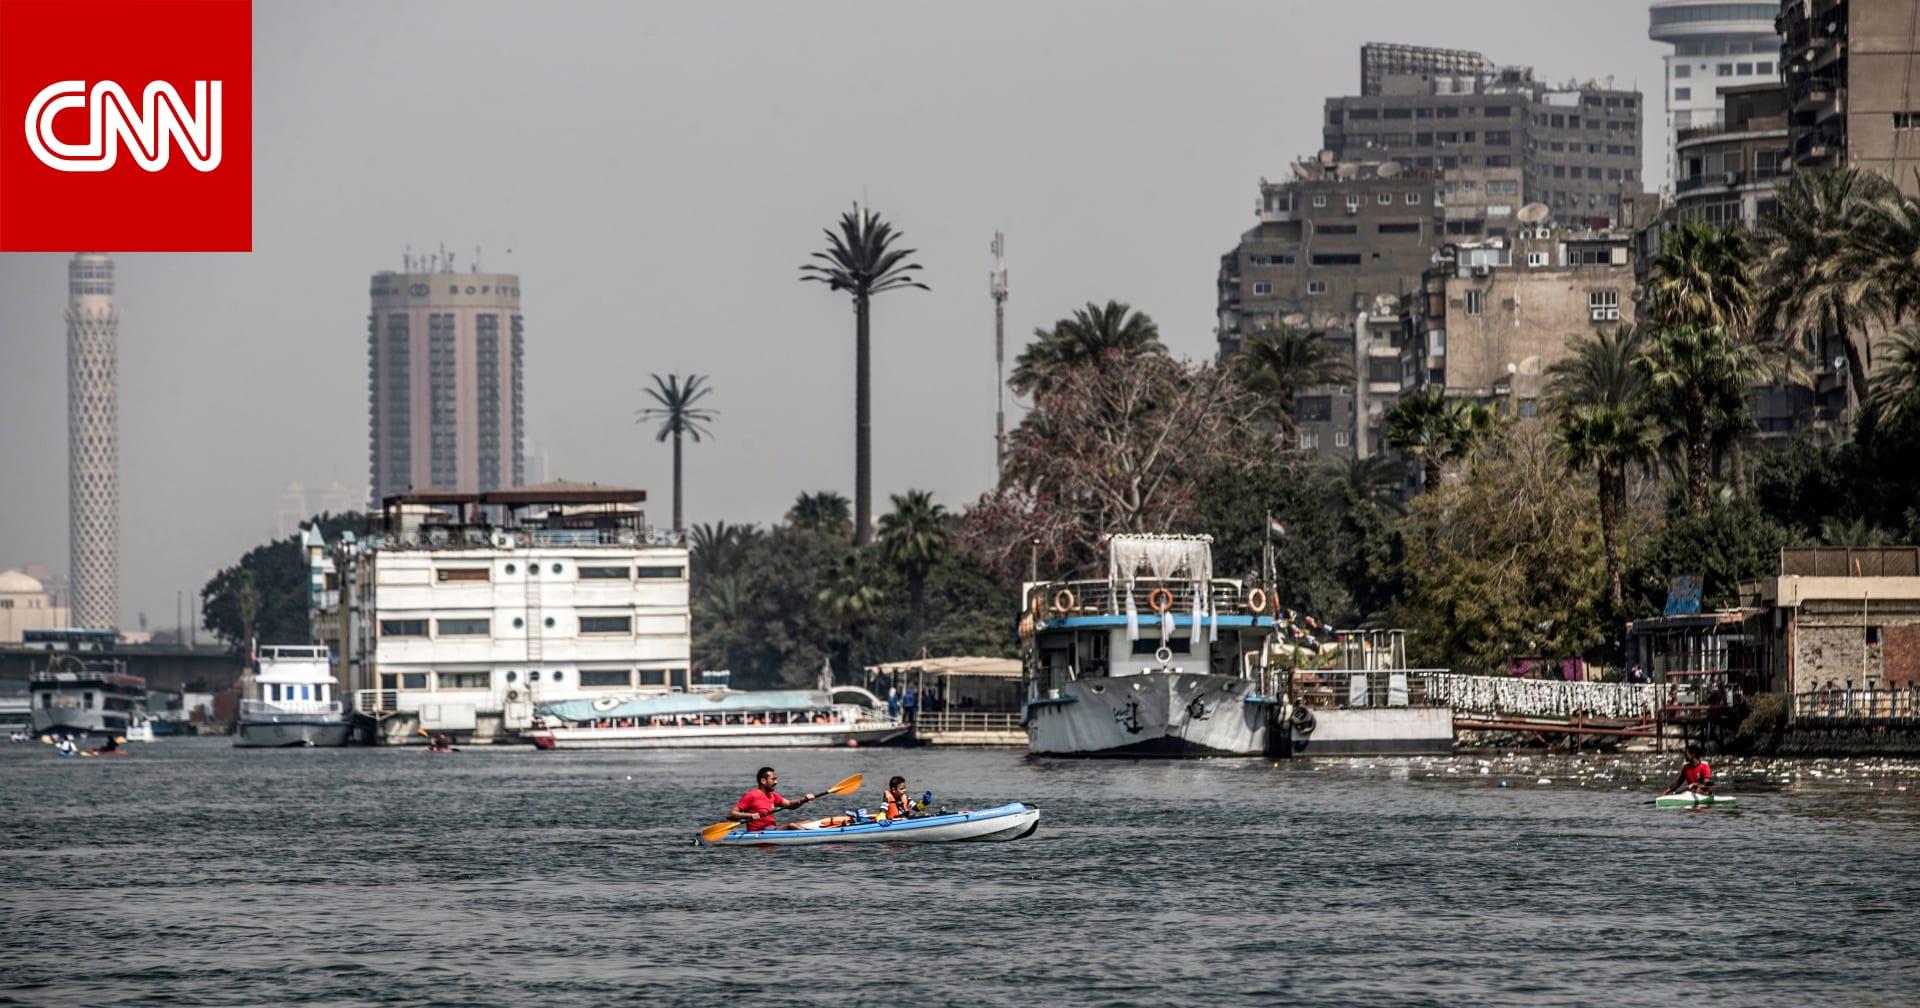 السفارة الإسرائيلية في مصر تنفى ضلوع إسرائيل في أزمة سد النهضة: لدينا ما يكفينا من المياه